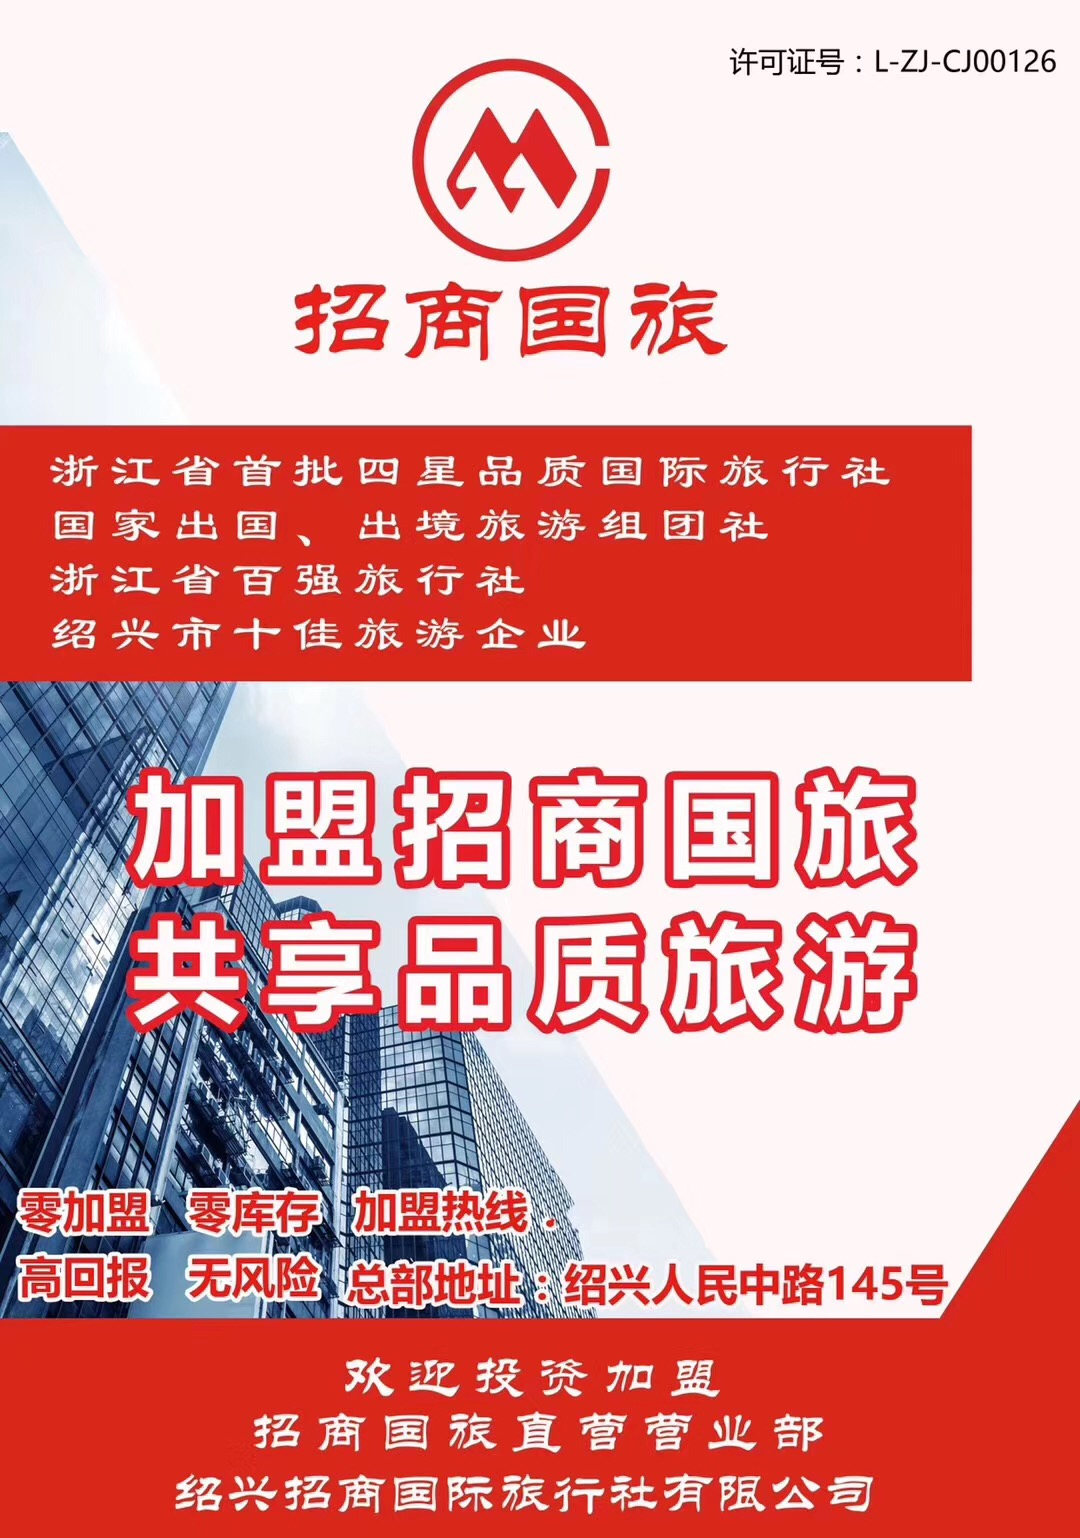 5月【经典岁月 北京故宫、长城、圆明园高飞五日】绍兴组团